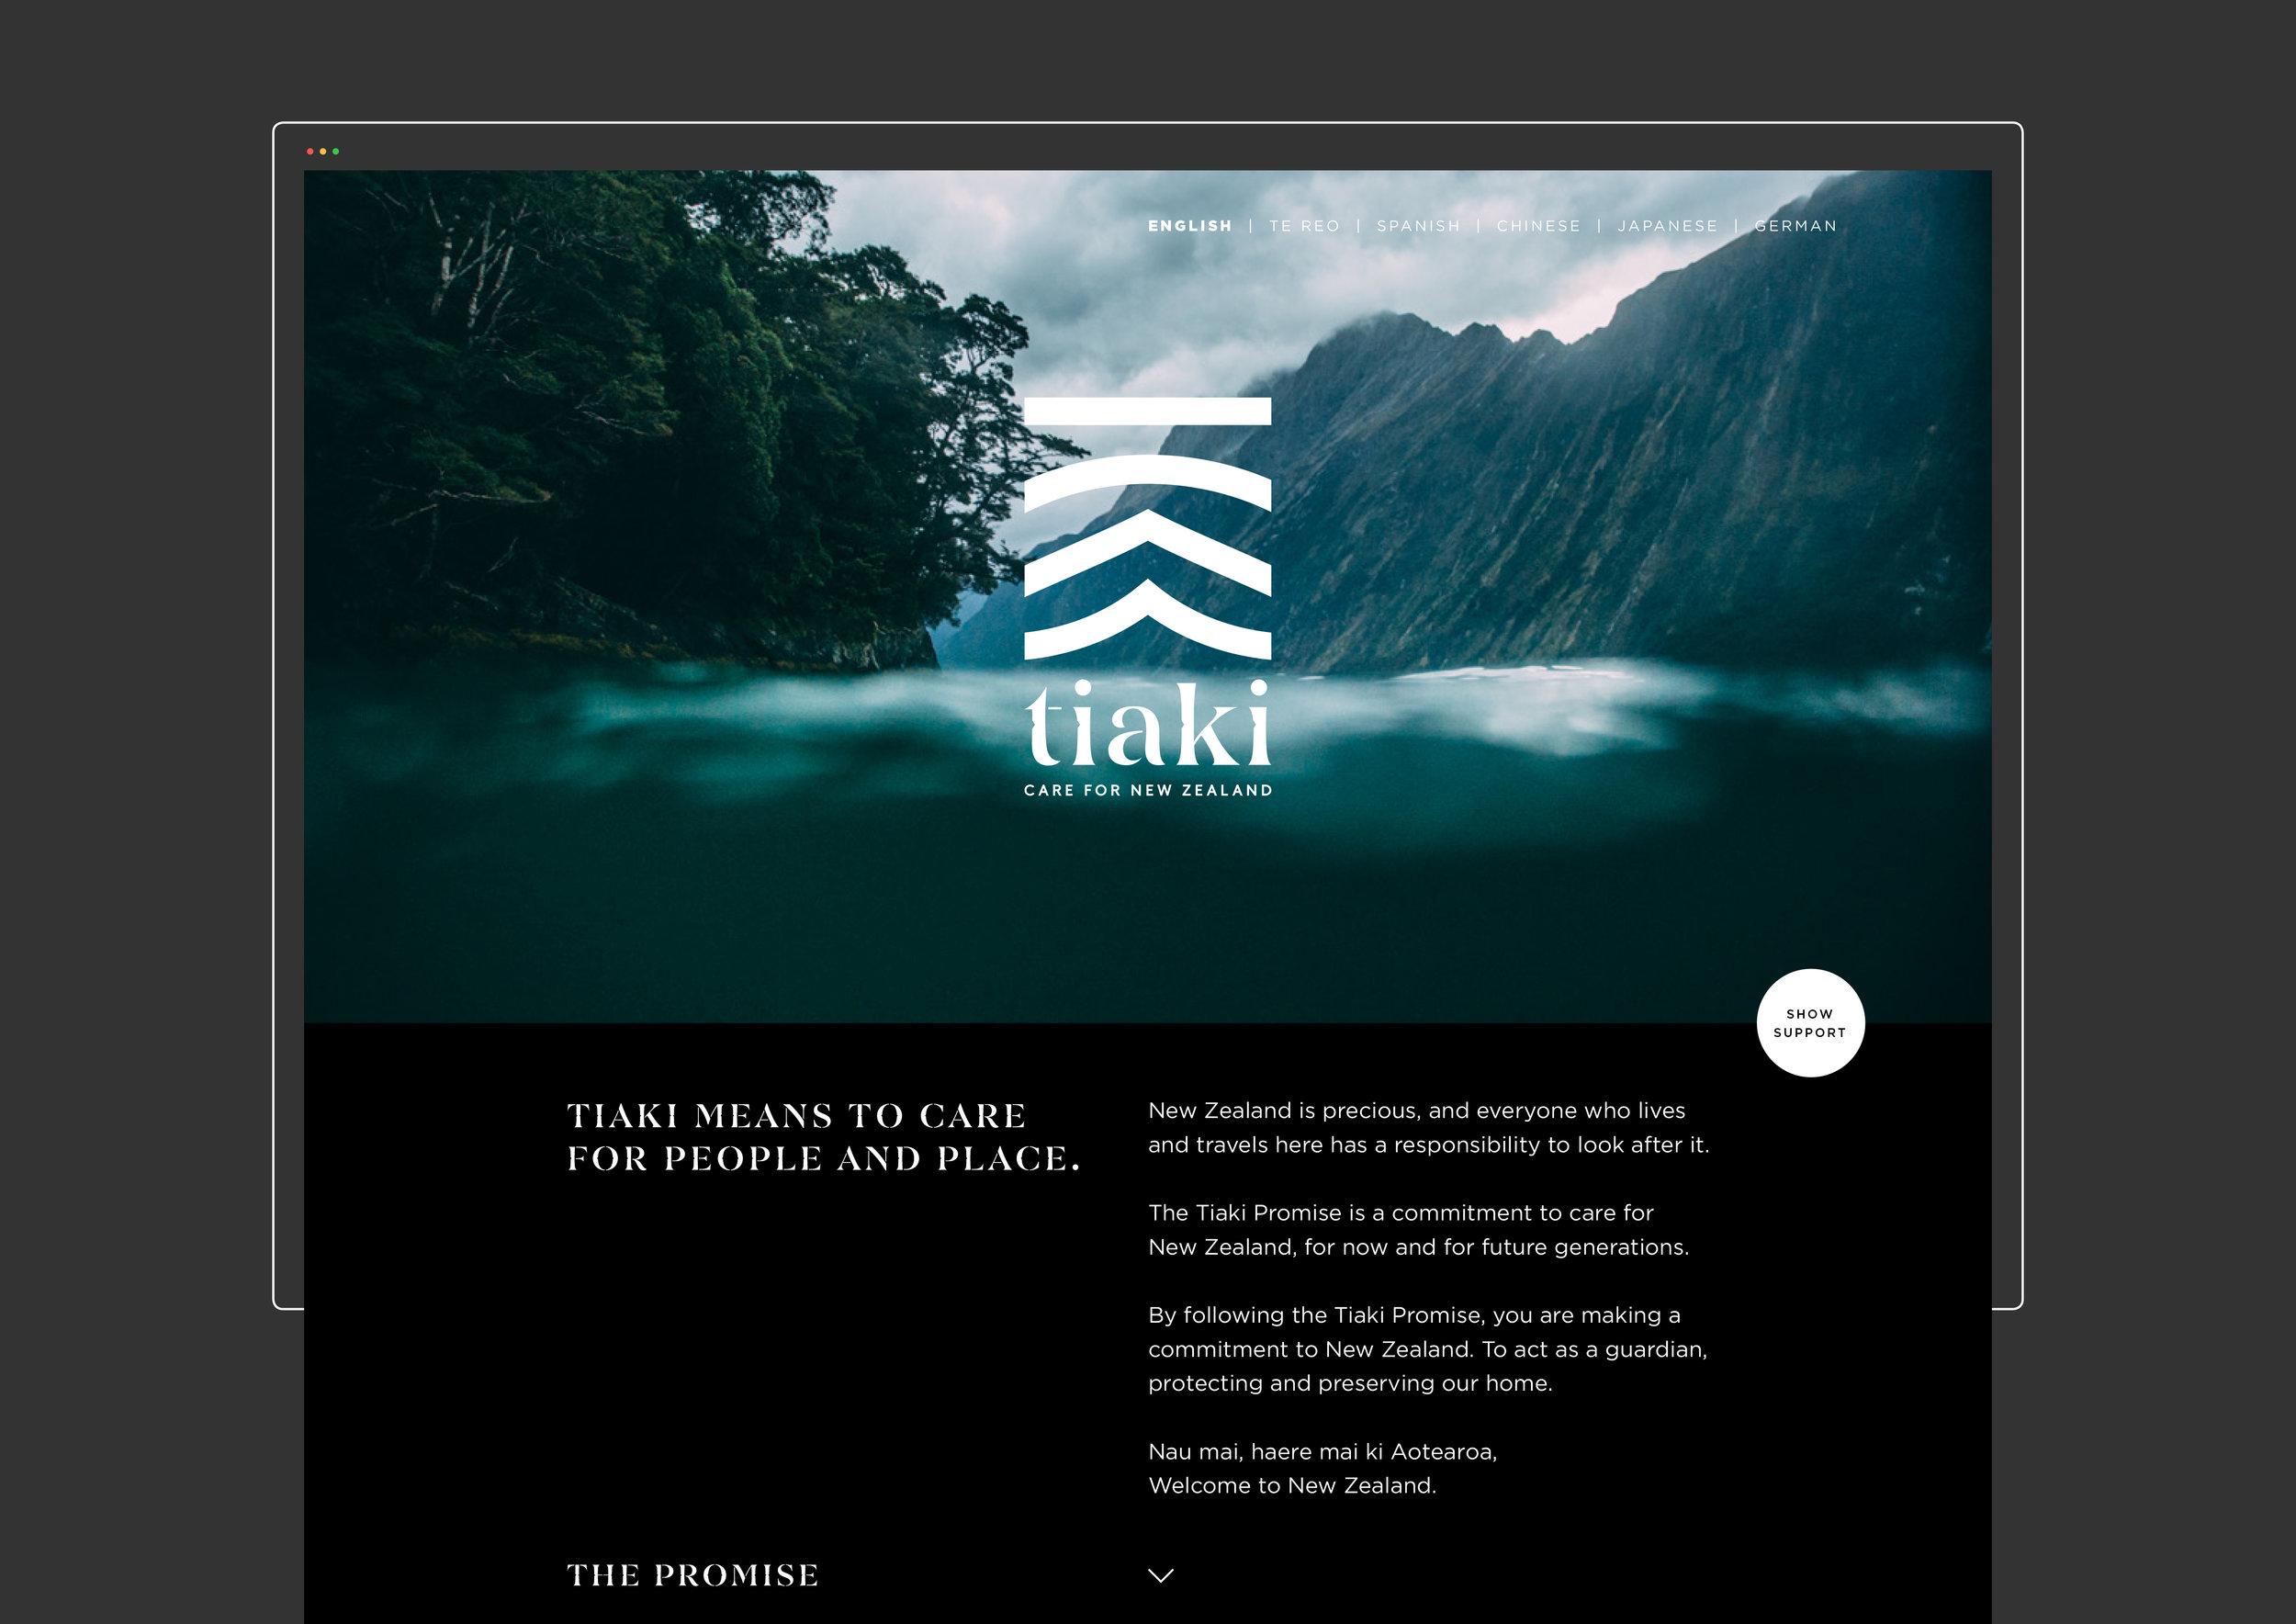 Tiaki-Promise-Design-Works-Lola-Photography-8.jpg